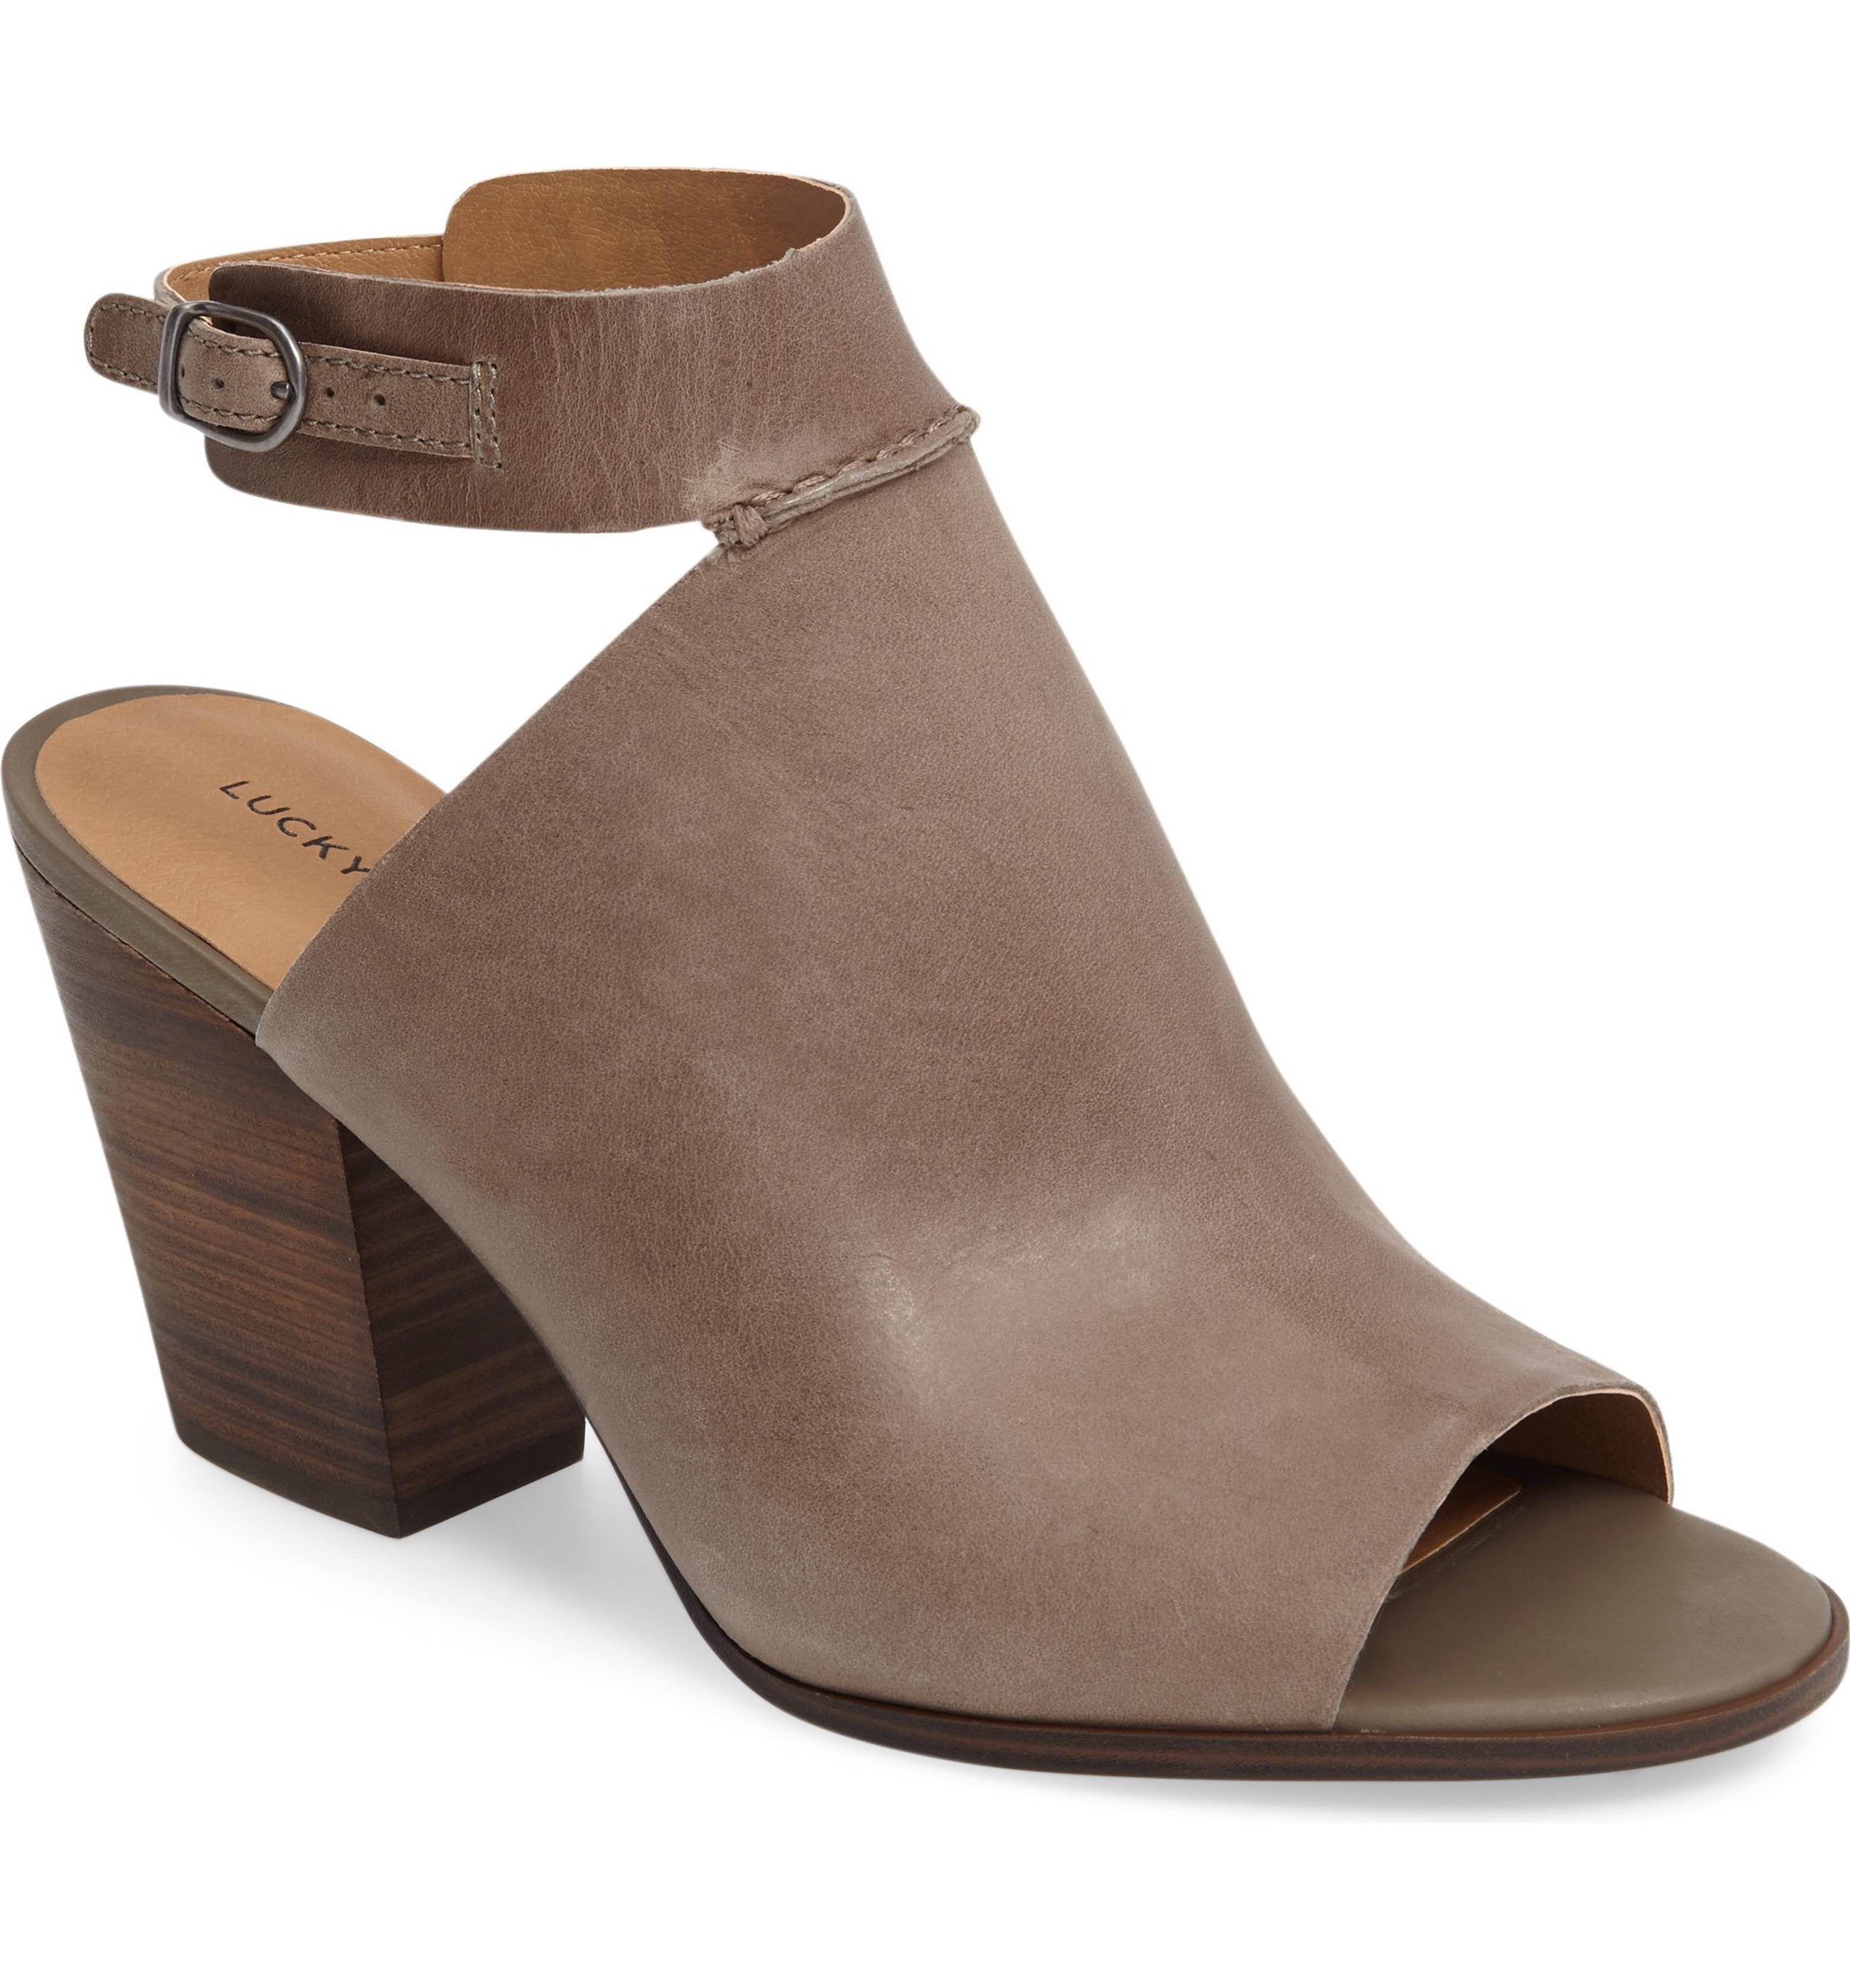 Main Image - Lucky Brand Obrasi Ankle Strap Sandal (Women)